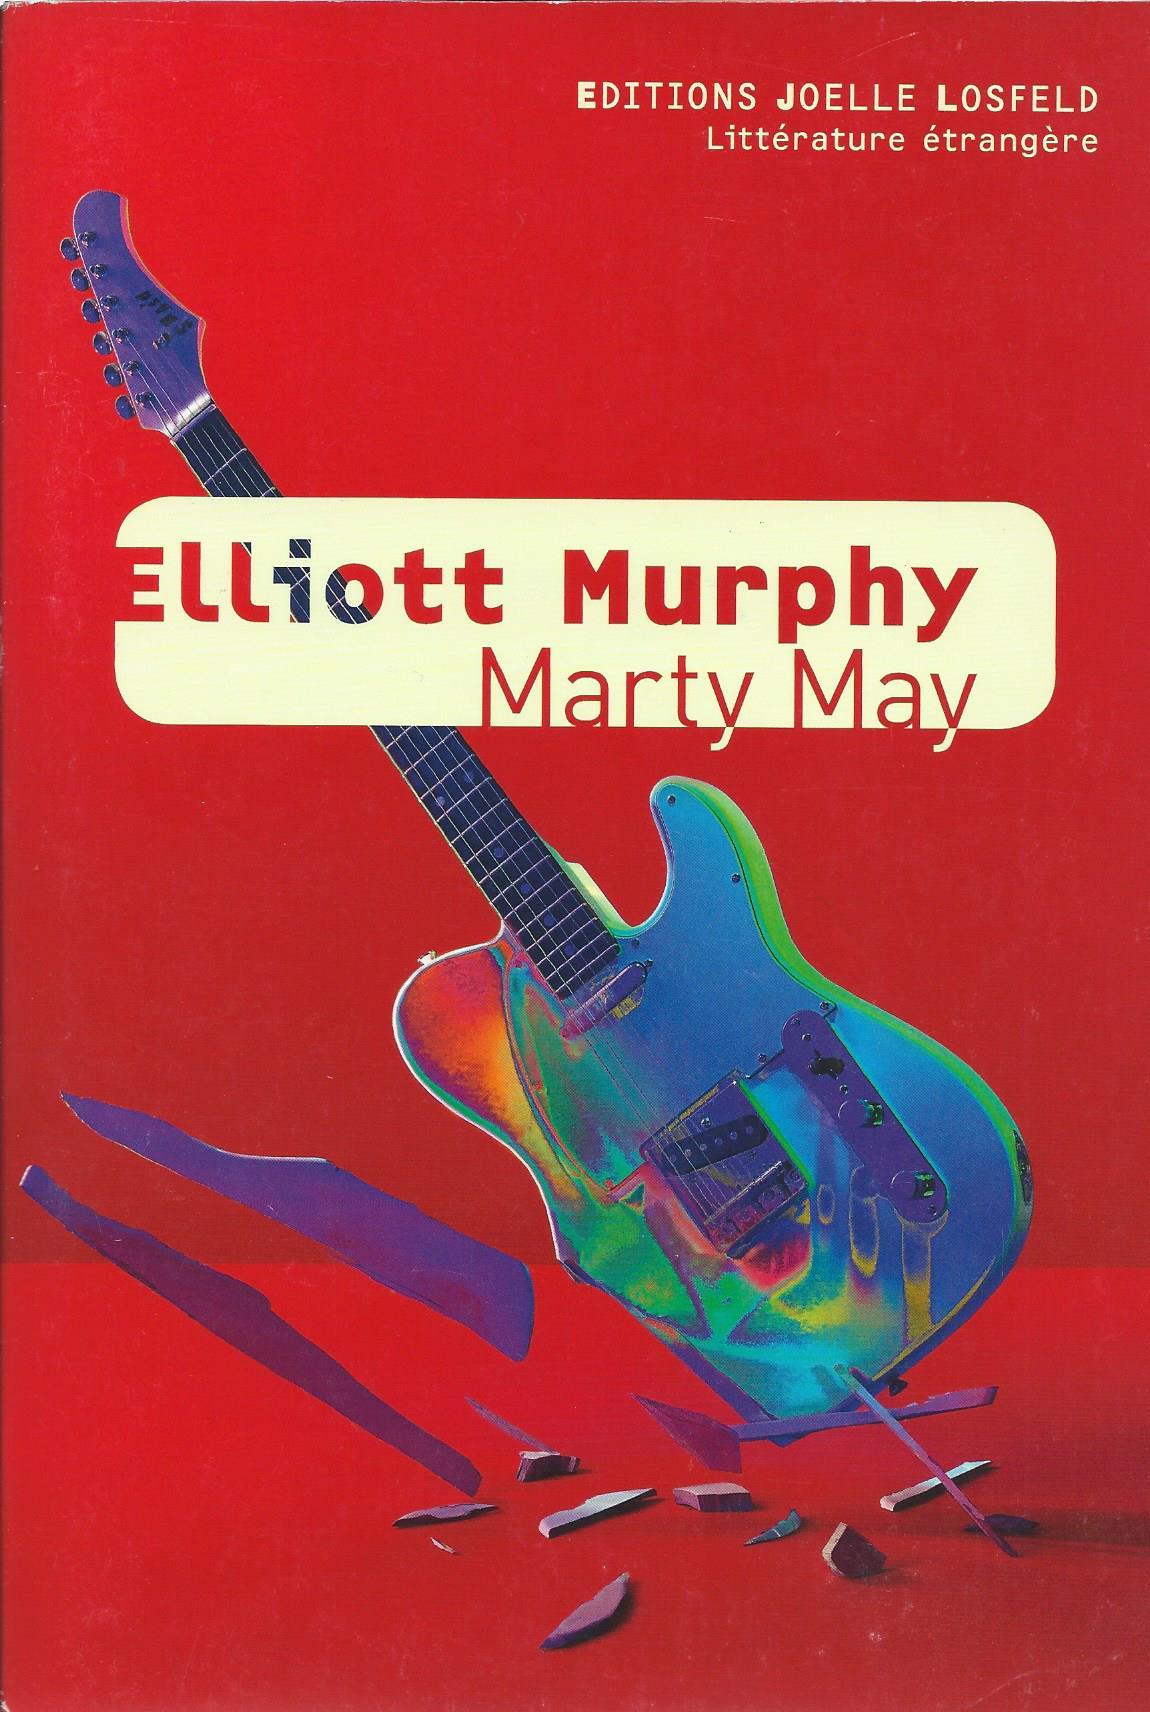 Marty May